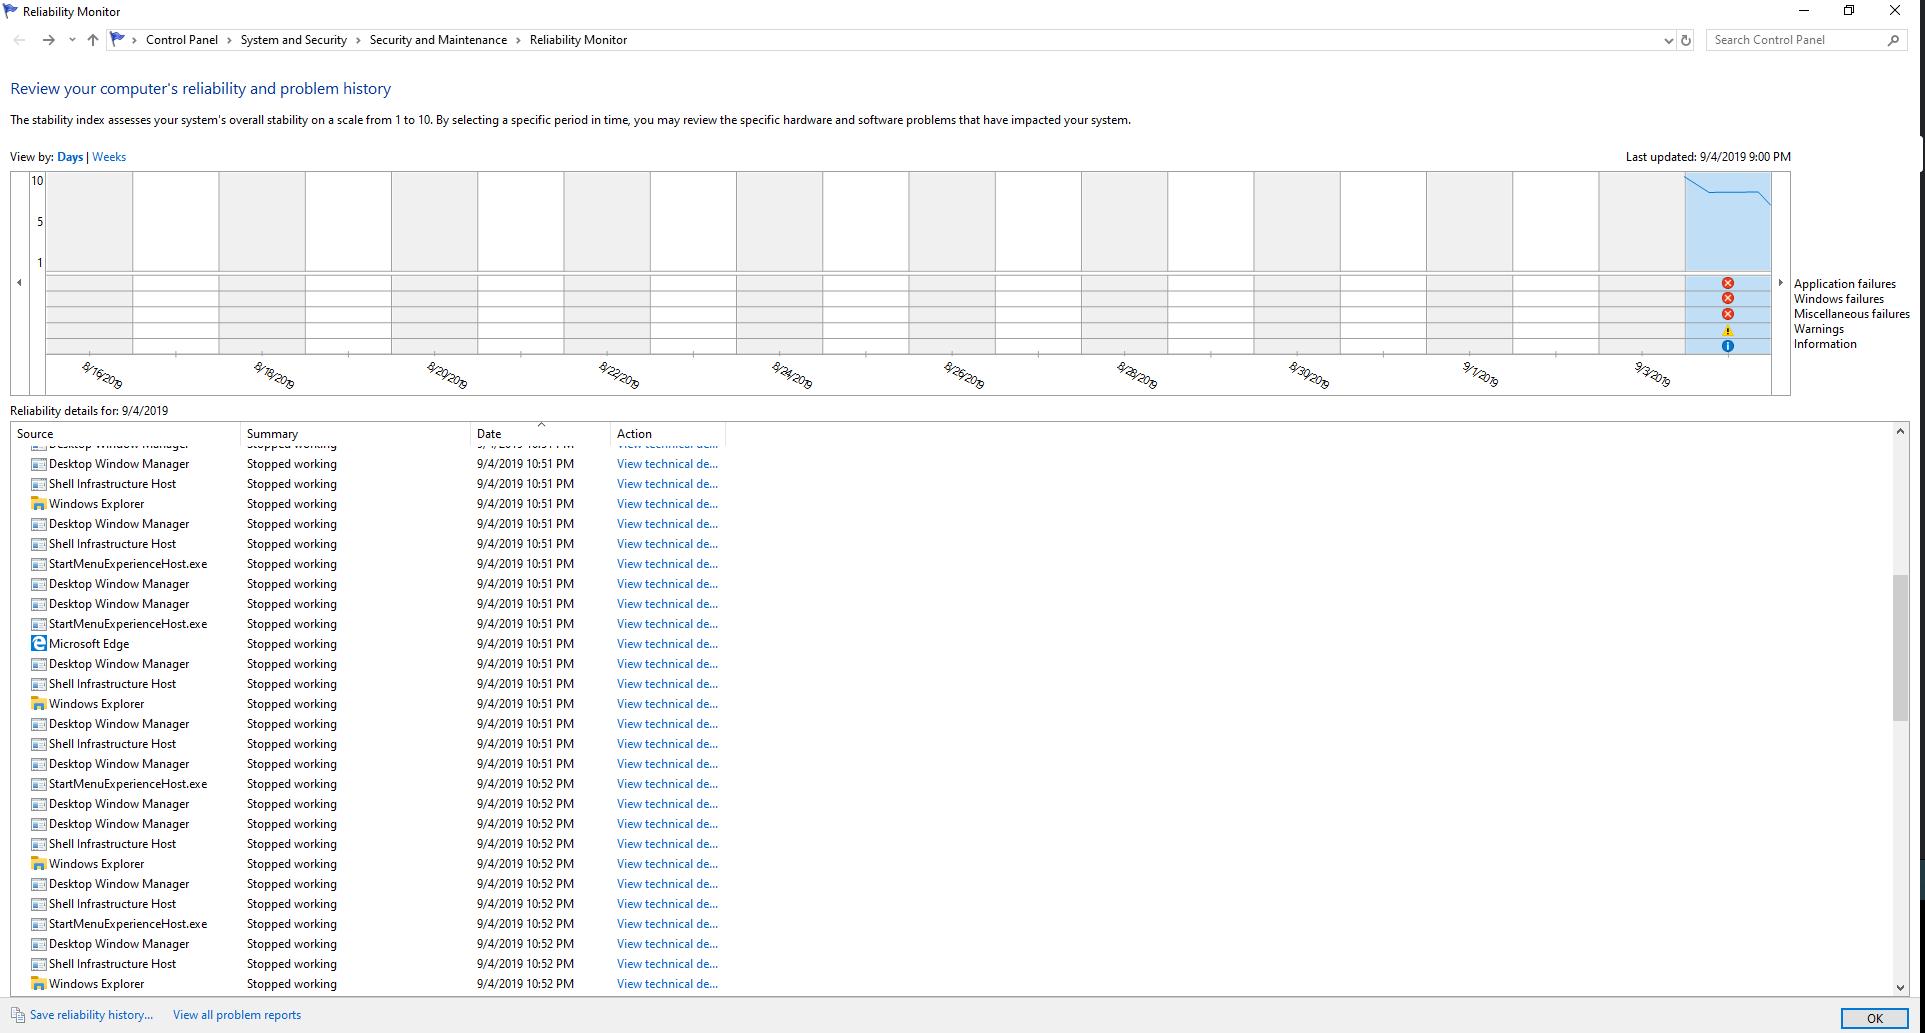 Hardware Error LiveKernelEvent Code 187 34c1d179-2462-4296-95ef-3d09322cba5d?upload=true.png